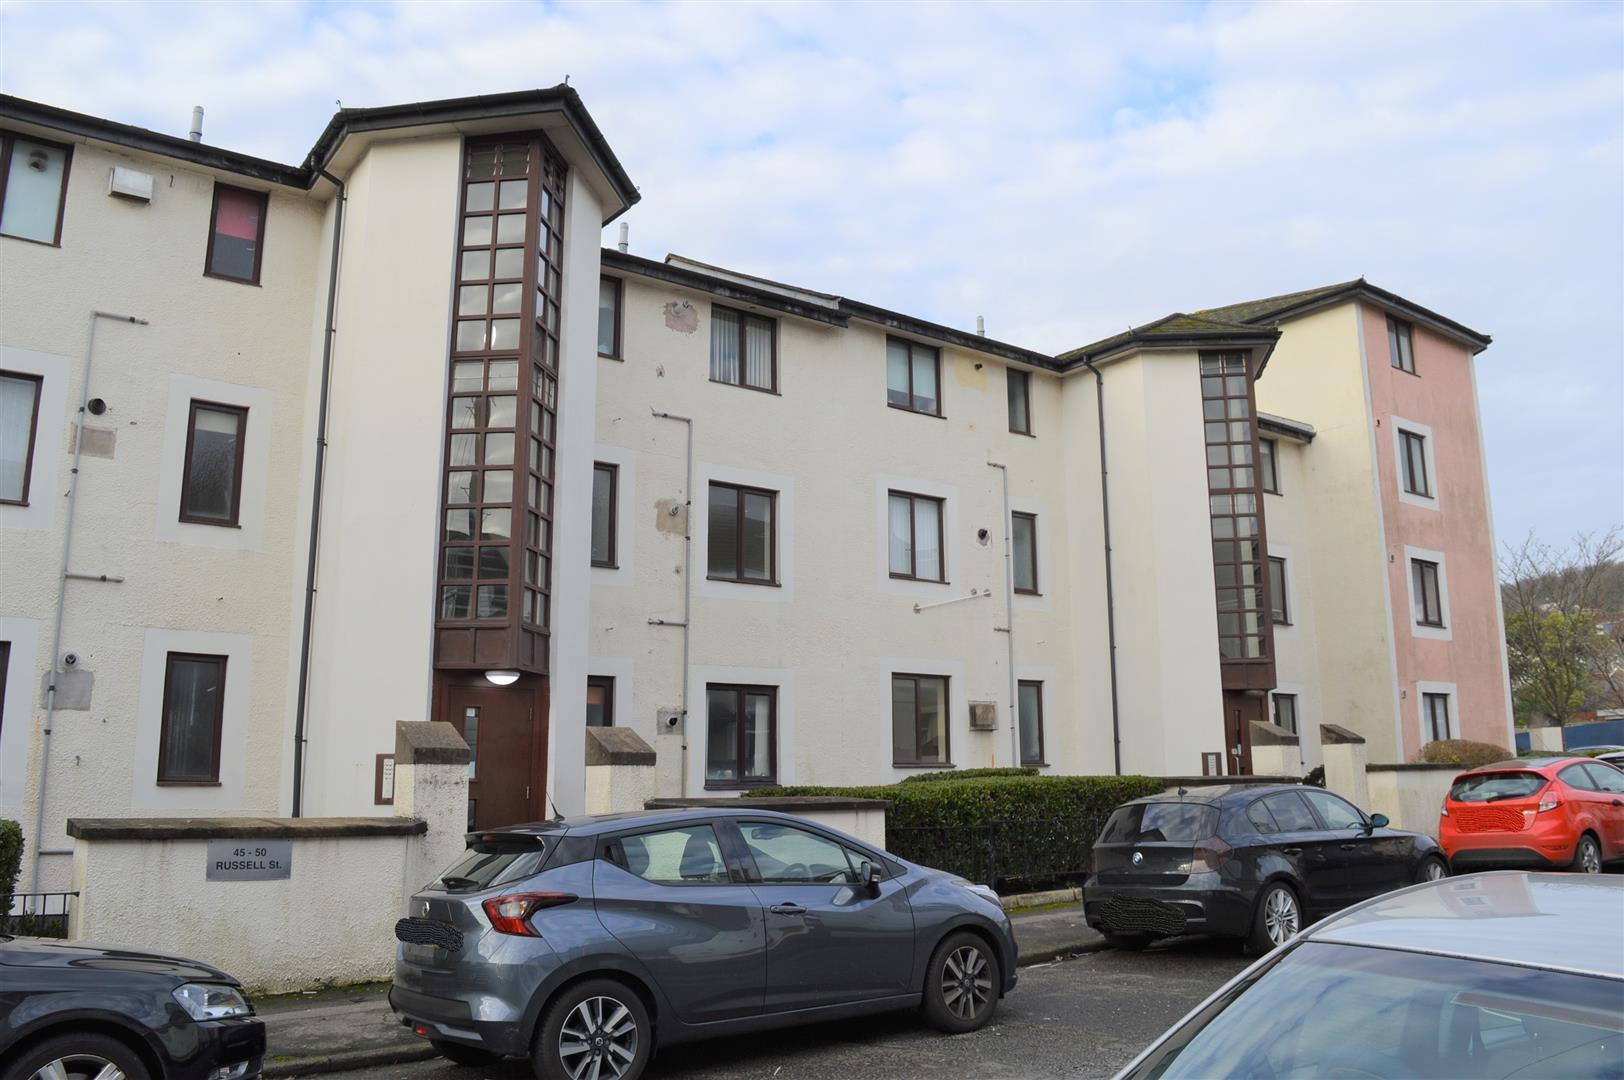 Brunswick Court, Swansea, SA1 4HX